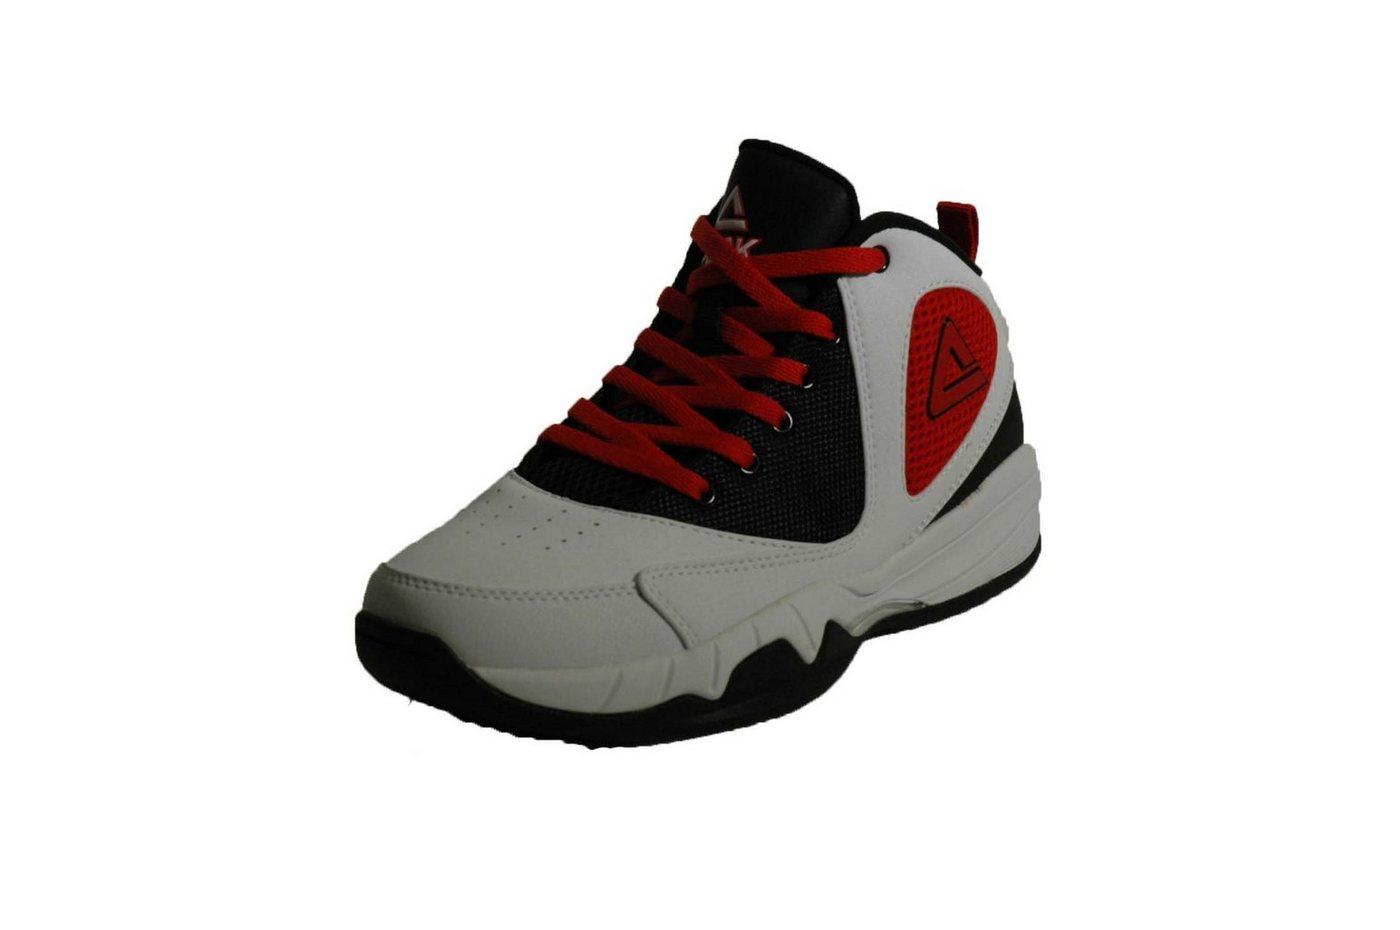 PEAK Basketballschuh mit gezähnter Sohle »Monster« | Schuhe > Sportschuhe > Basketballschuhe | Weiß | PEAK